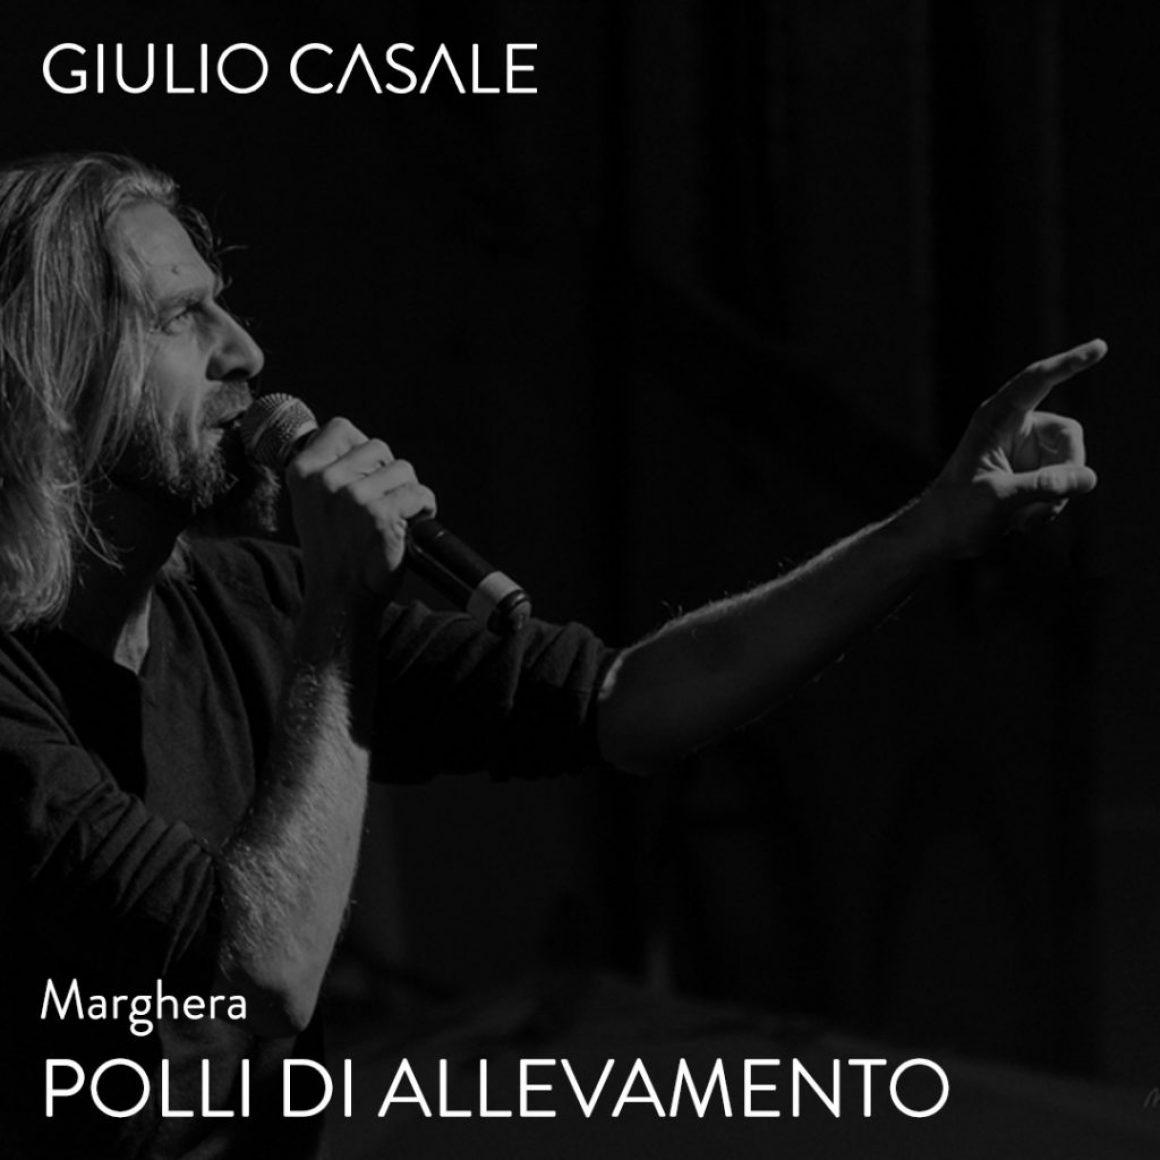 2021_07_22_Polli_di_allevamento_Marghera